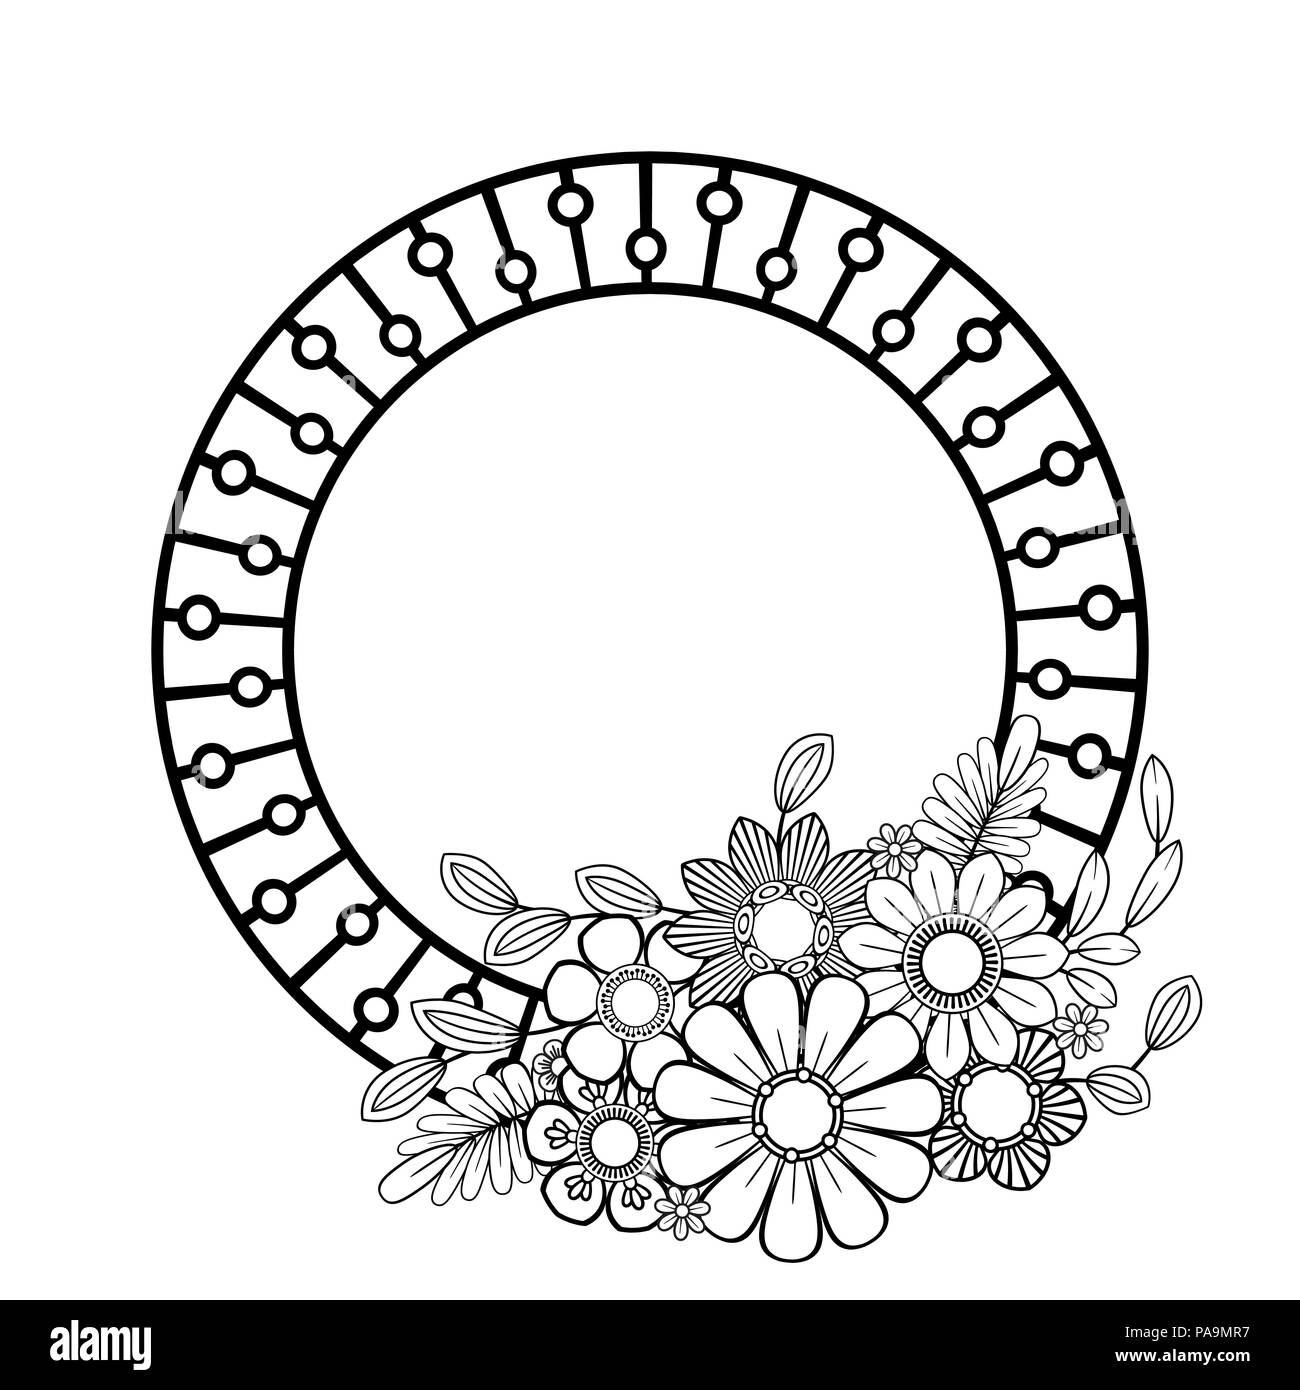 Fiori cornice decorativa. Isolato su sfondo bianco. Floreali ornamento monocromatica. Bianco e nero illustrazione vettoriale. Immagini Stock